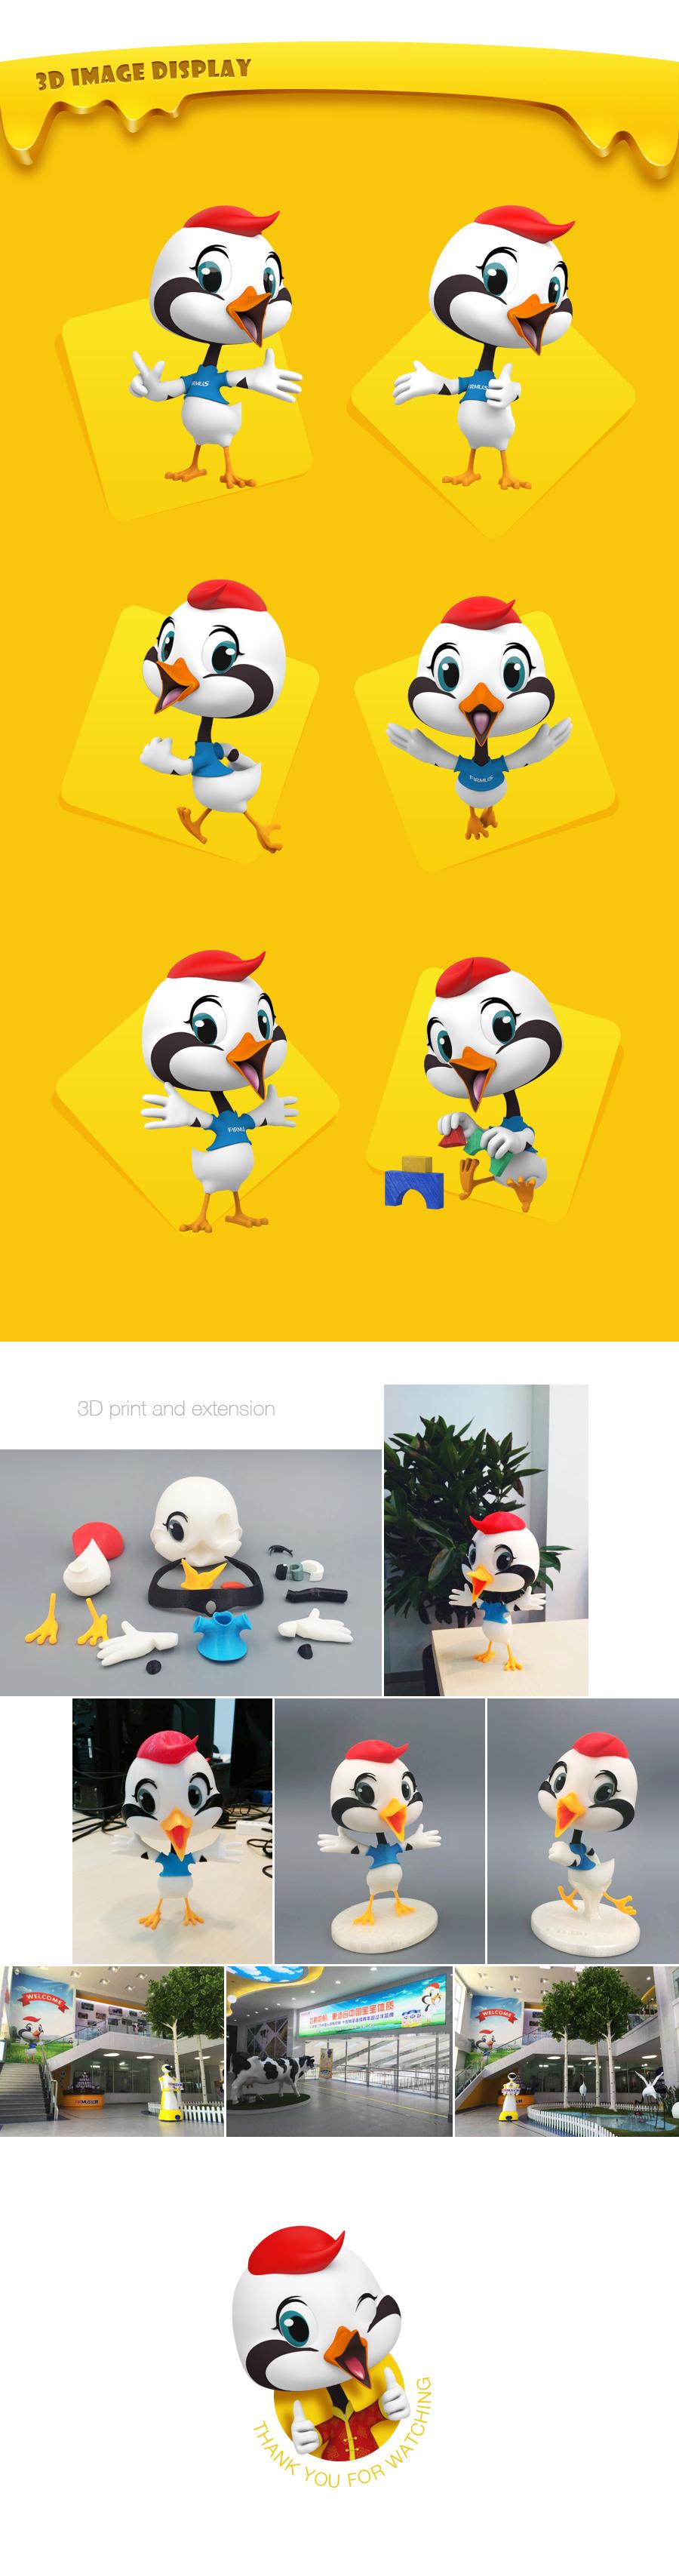 查看《飞鹤品牌卡通形象优化全案》原图,原图尺寸:900x3414